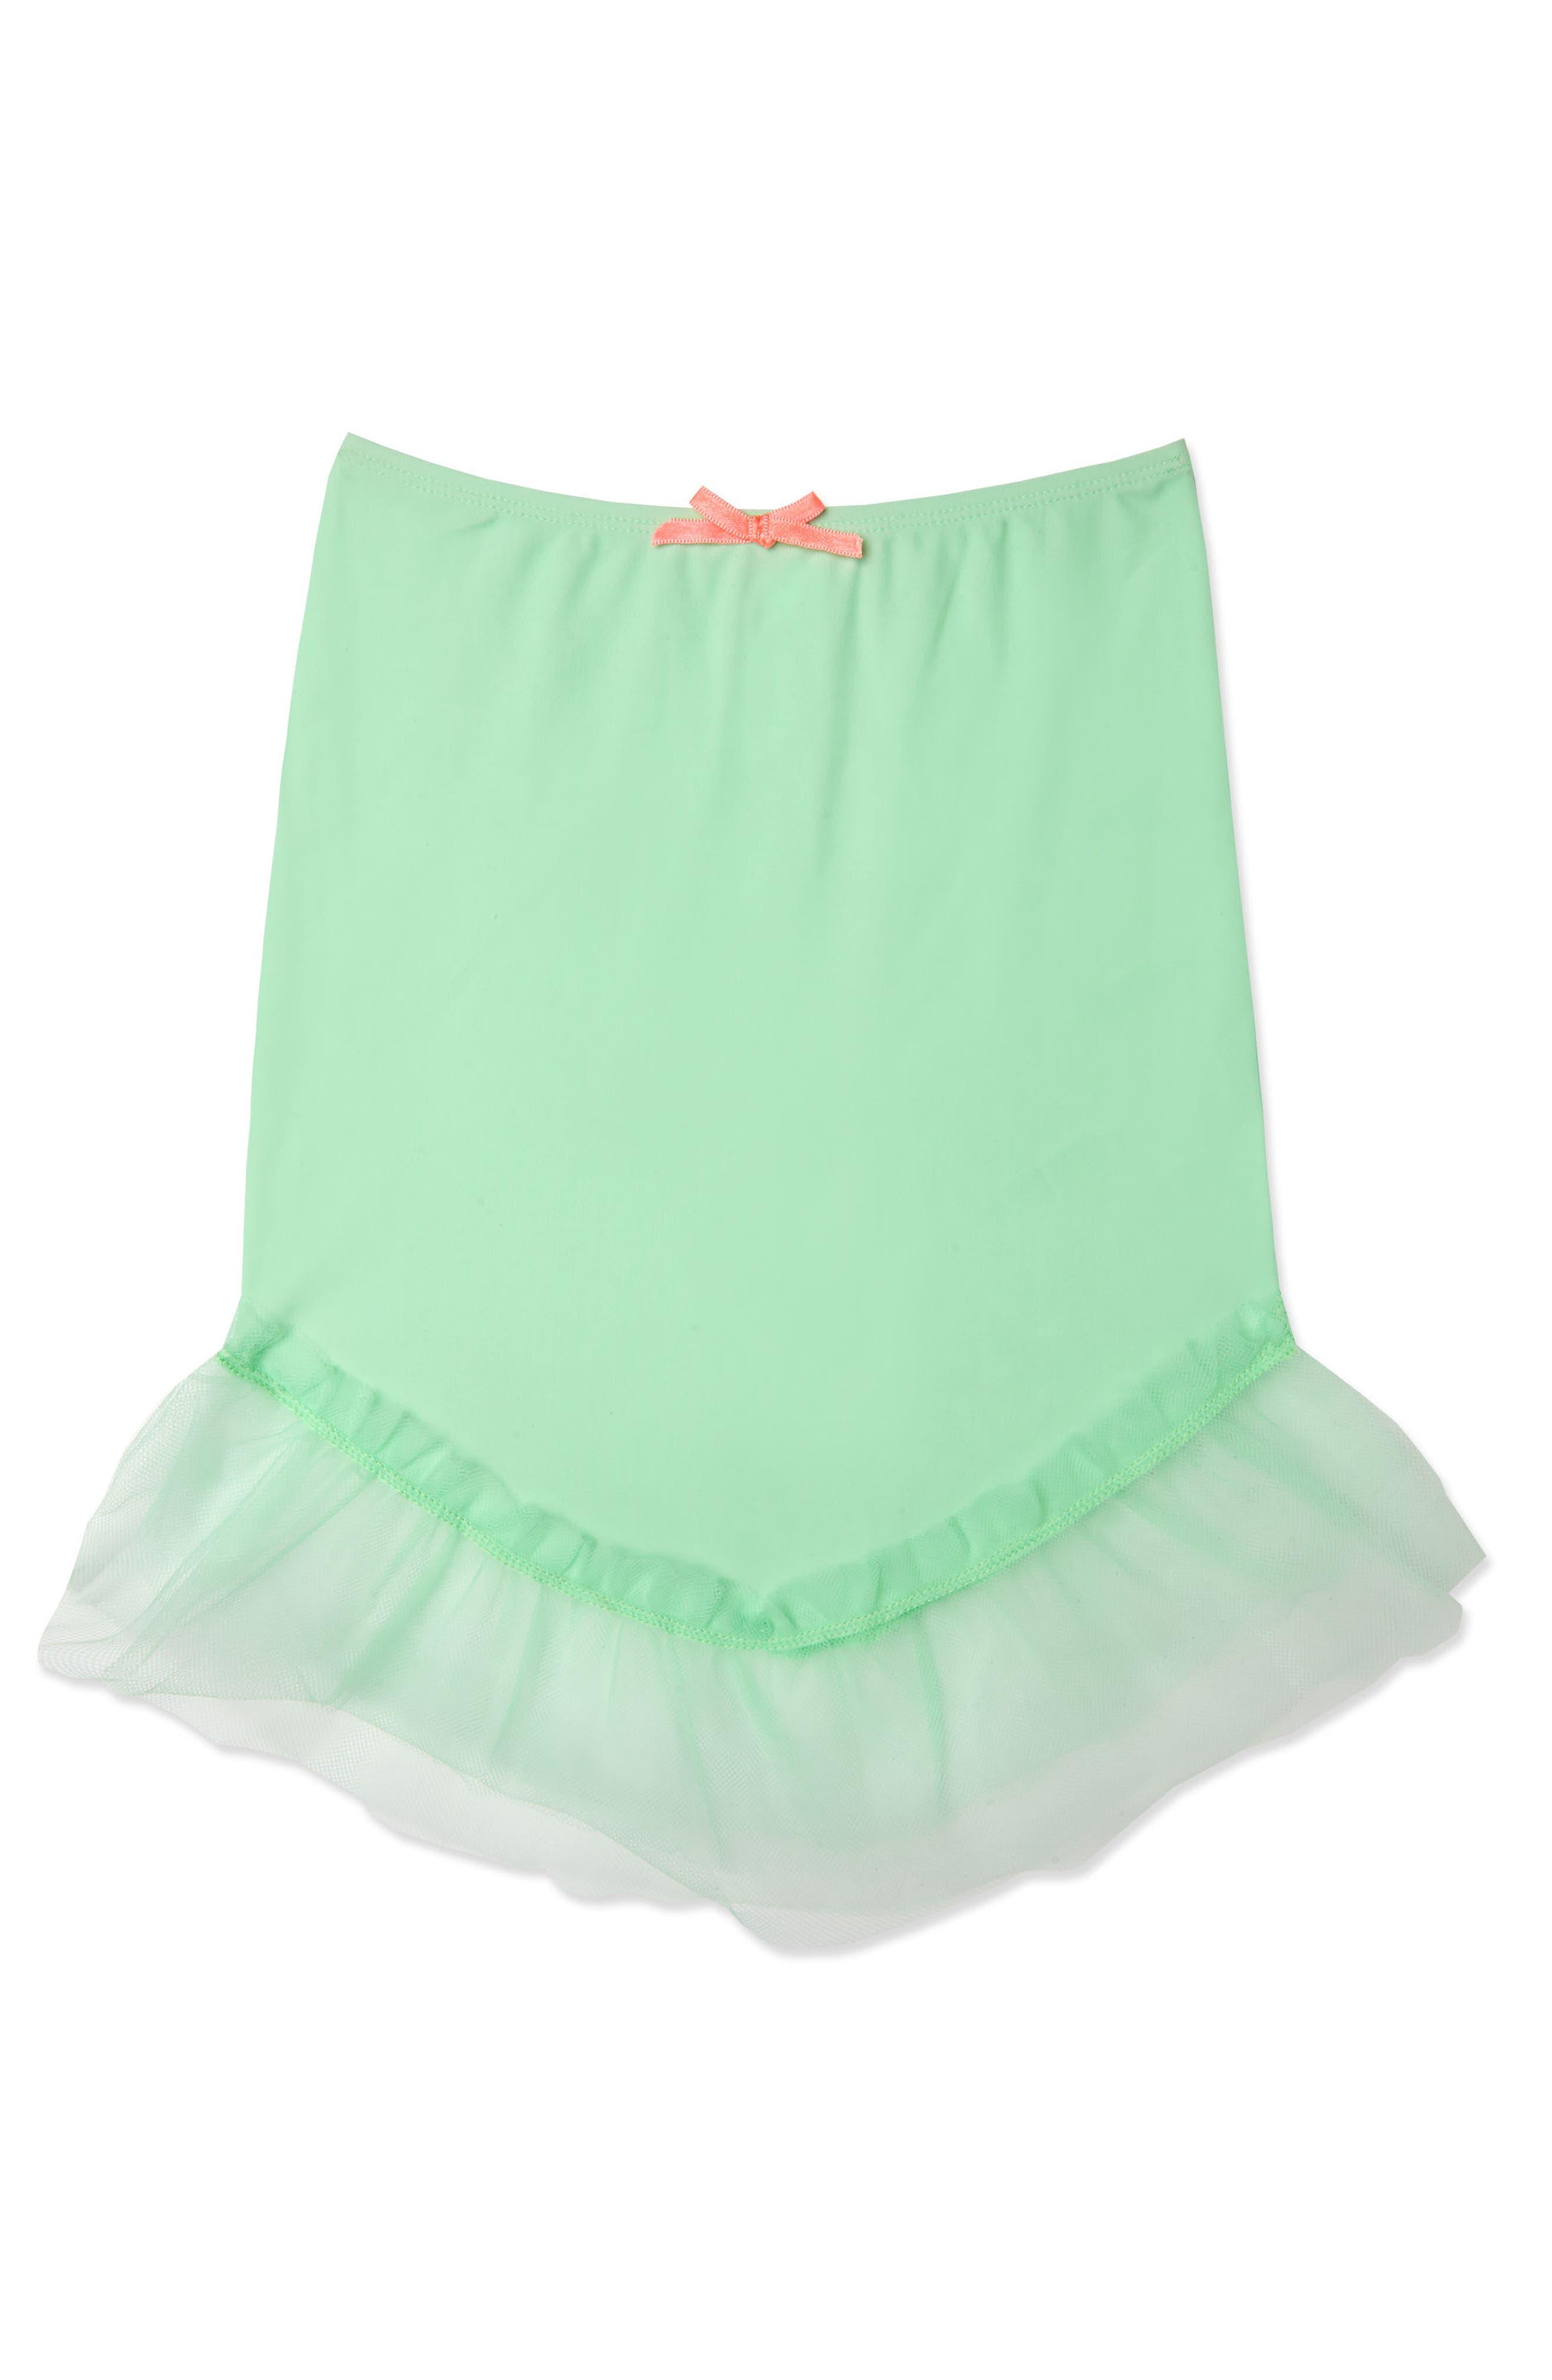 Alternate Image 1 Selected - Hula Star Mermaid Cover-Up Skirt (Toddler Girls & Little Girls)